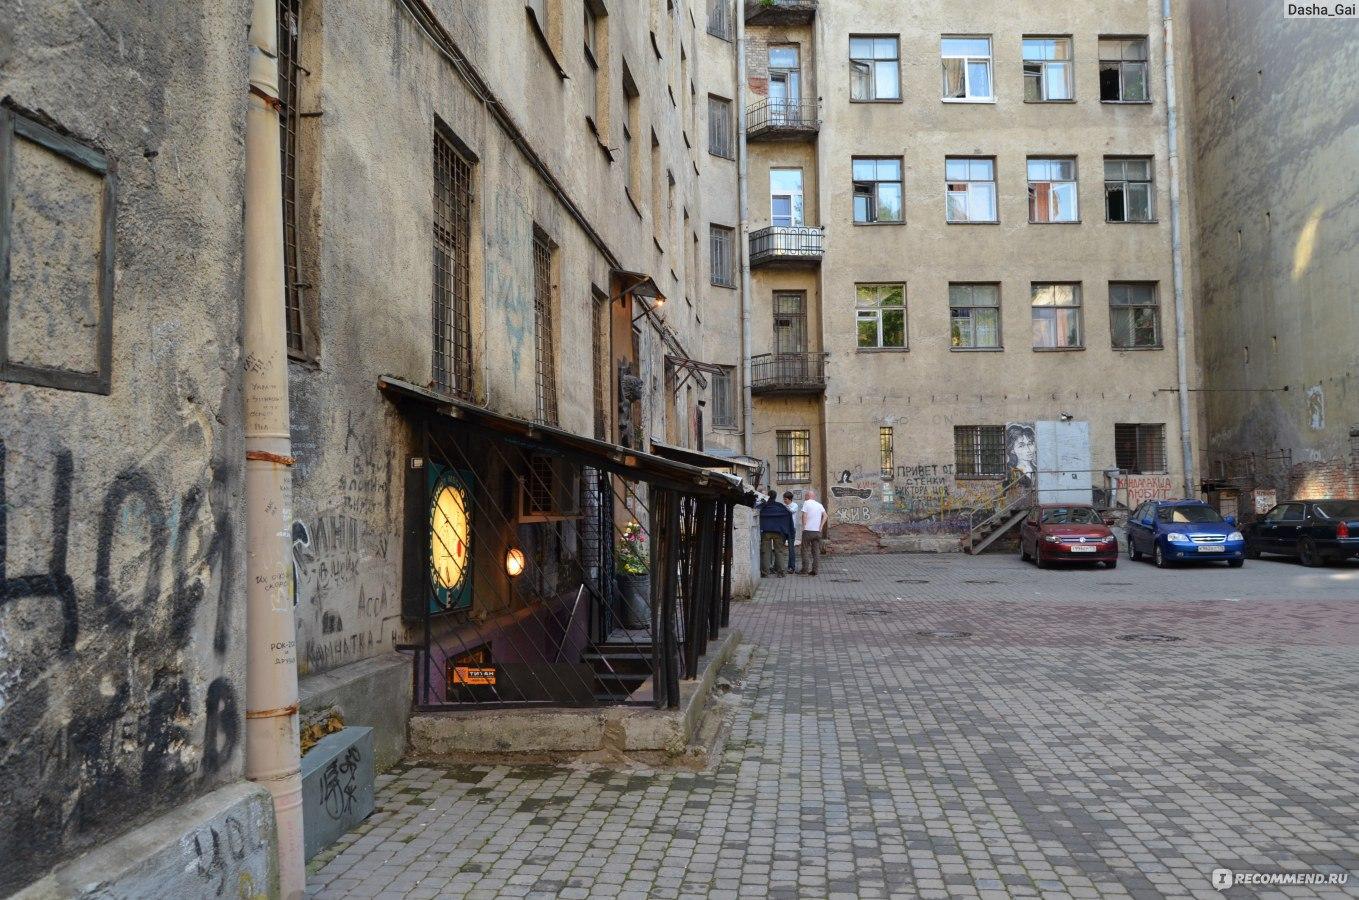 Девушки по вызову Михайловская улица шлюхи метро Обводный канал